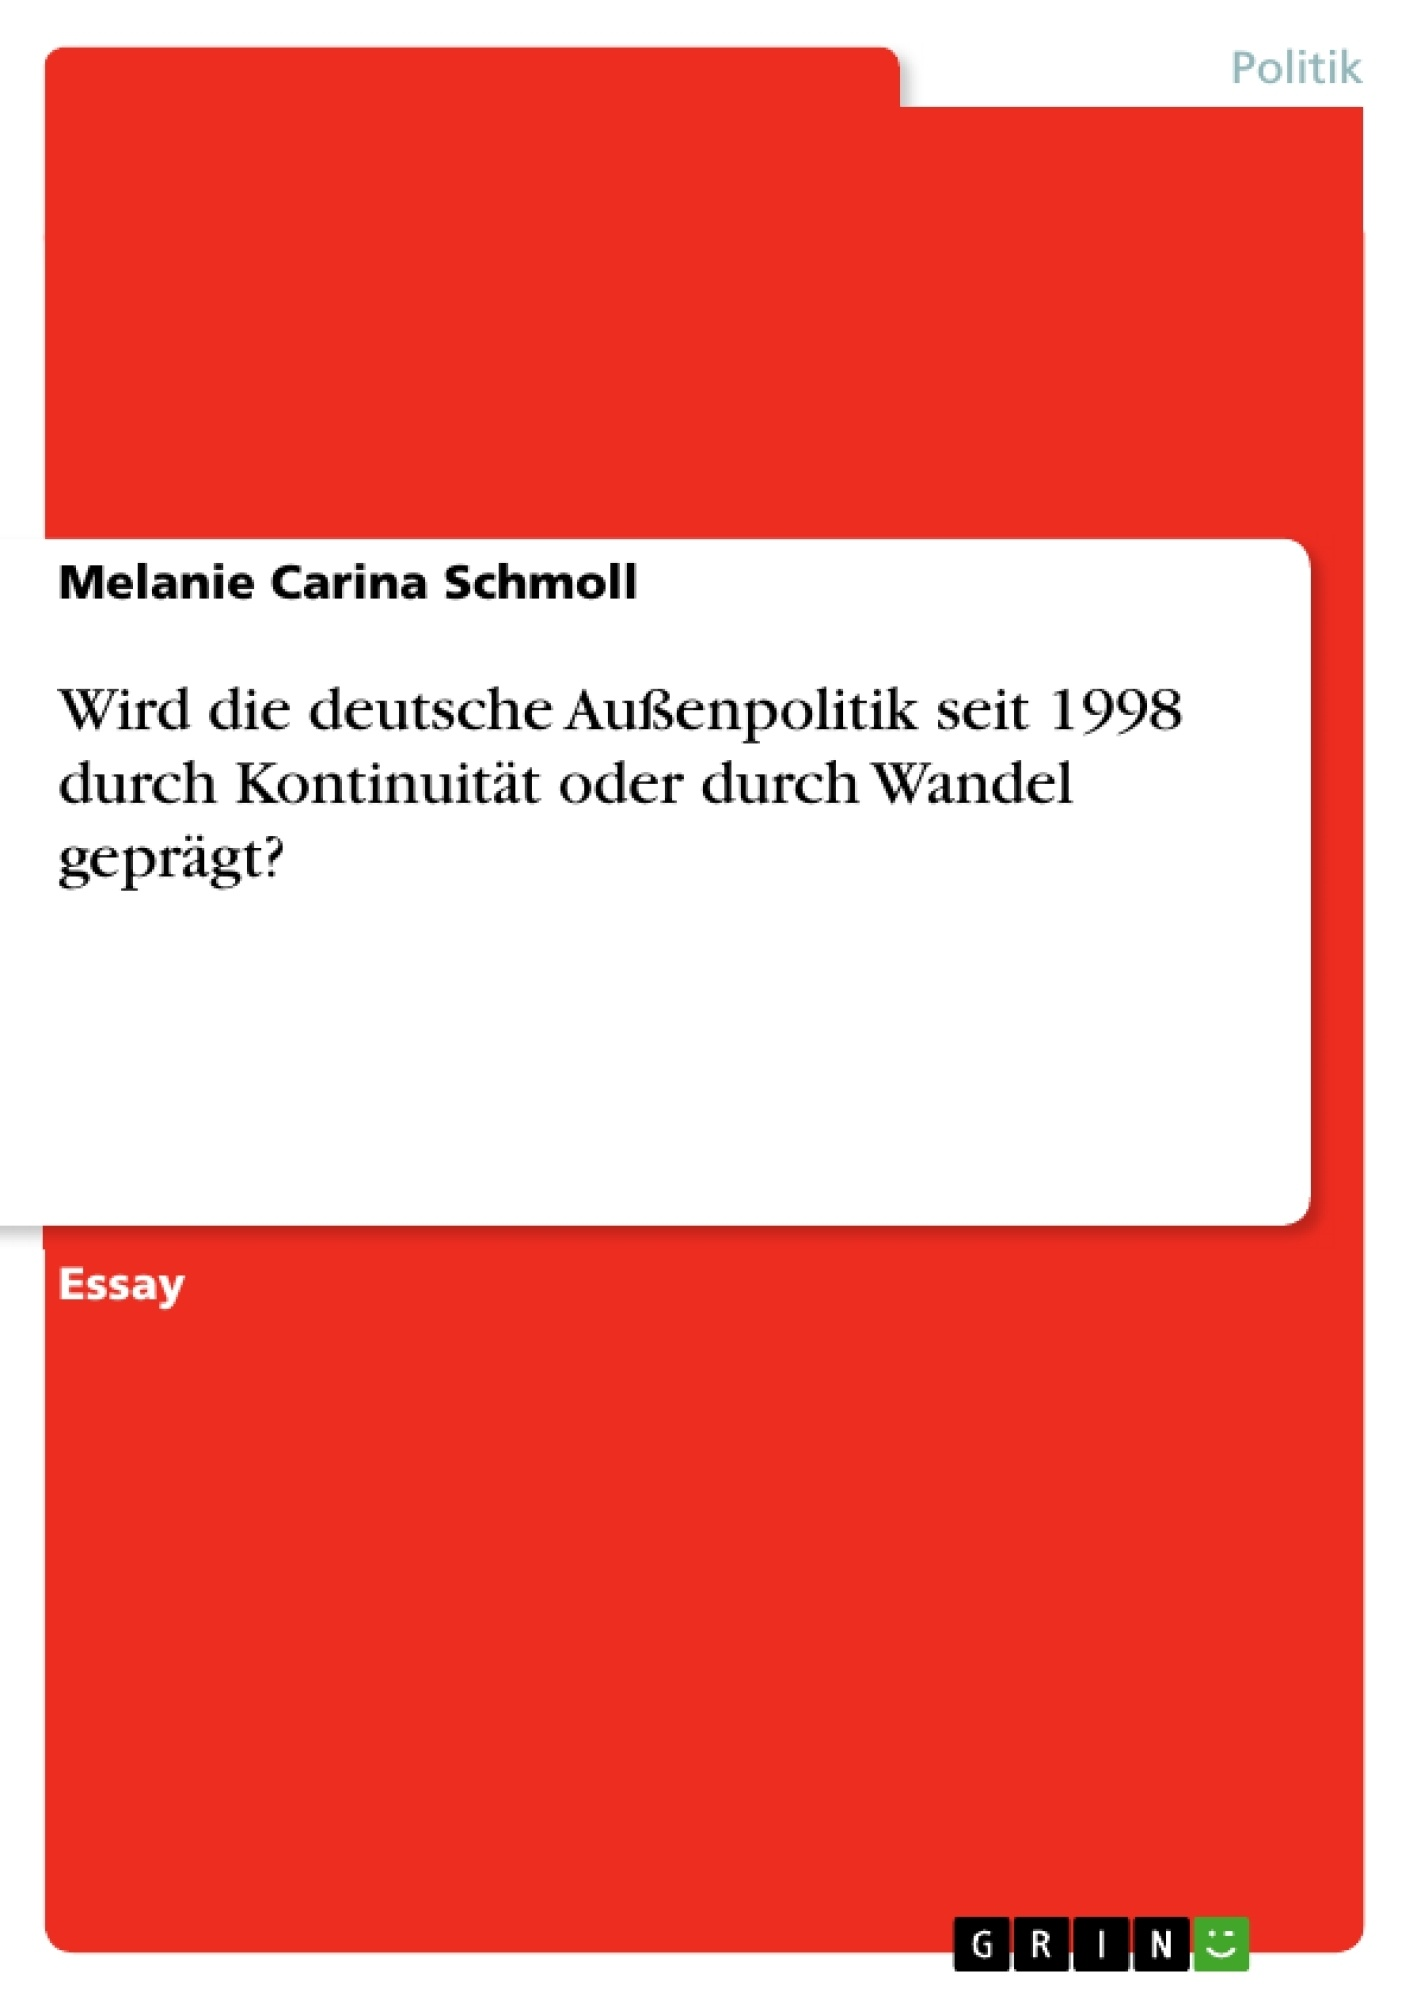 Titel: Wird die deutsche Außenpolitik seit 1998 durch Kontinuität oder durch Wandel geprägt?